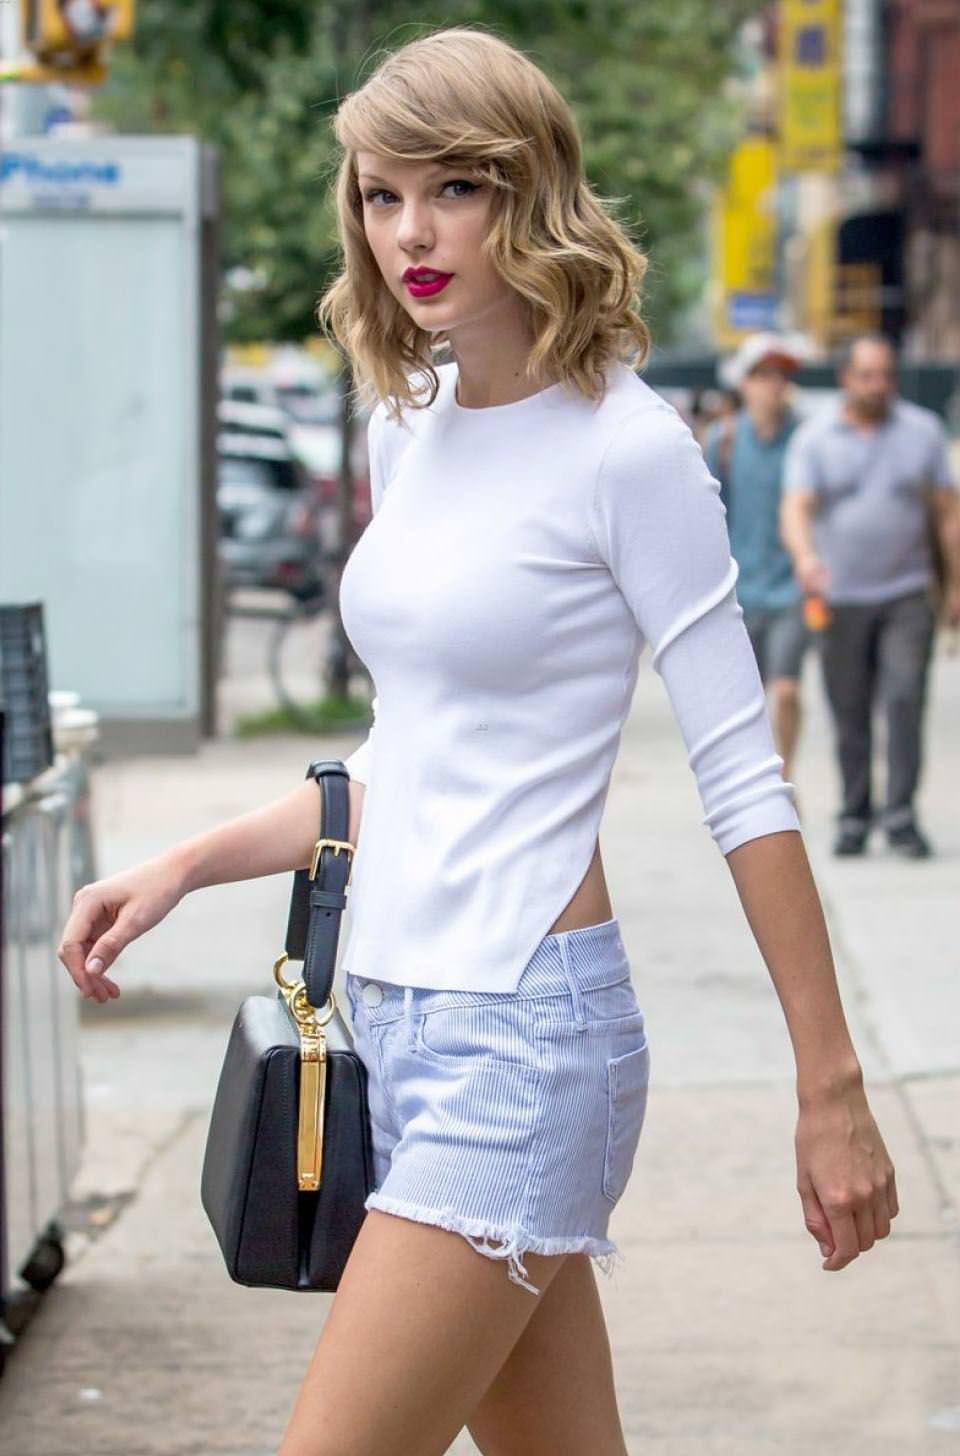 【外人】テイラー·スウィフト(Taylor Swift)のおっぱい丸出し流出の自画撮りポルノ画像 7211